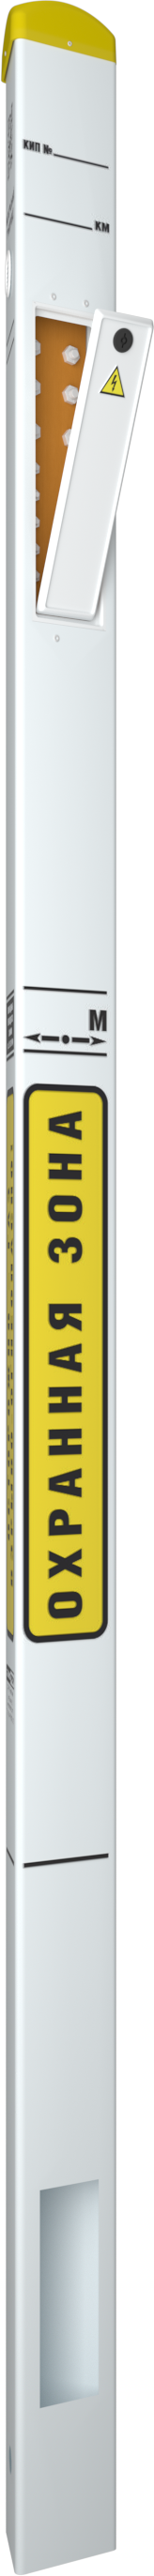 КИП.ПВЕК (сечение треугольник 130 мм)